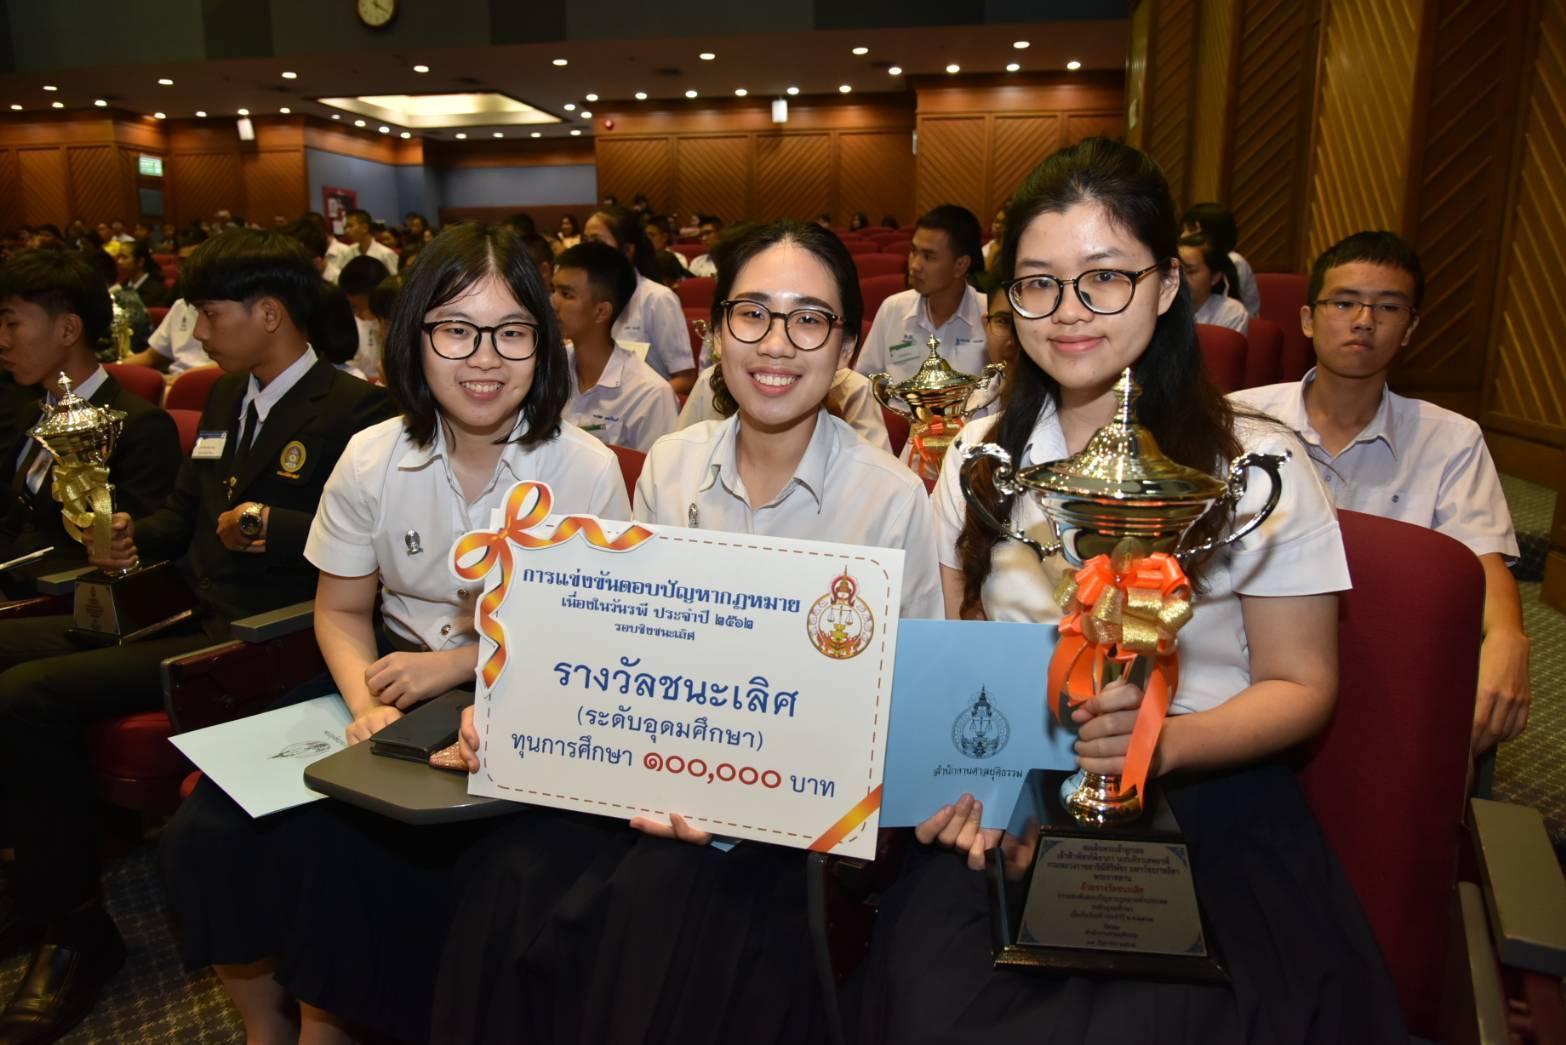 ศาลยธ.จัดแข่งตอบปัญหากฎหมายชิงแชมป์ประเทศไทย เนื่องในวันรพี